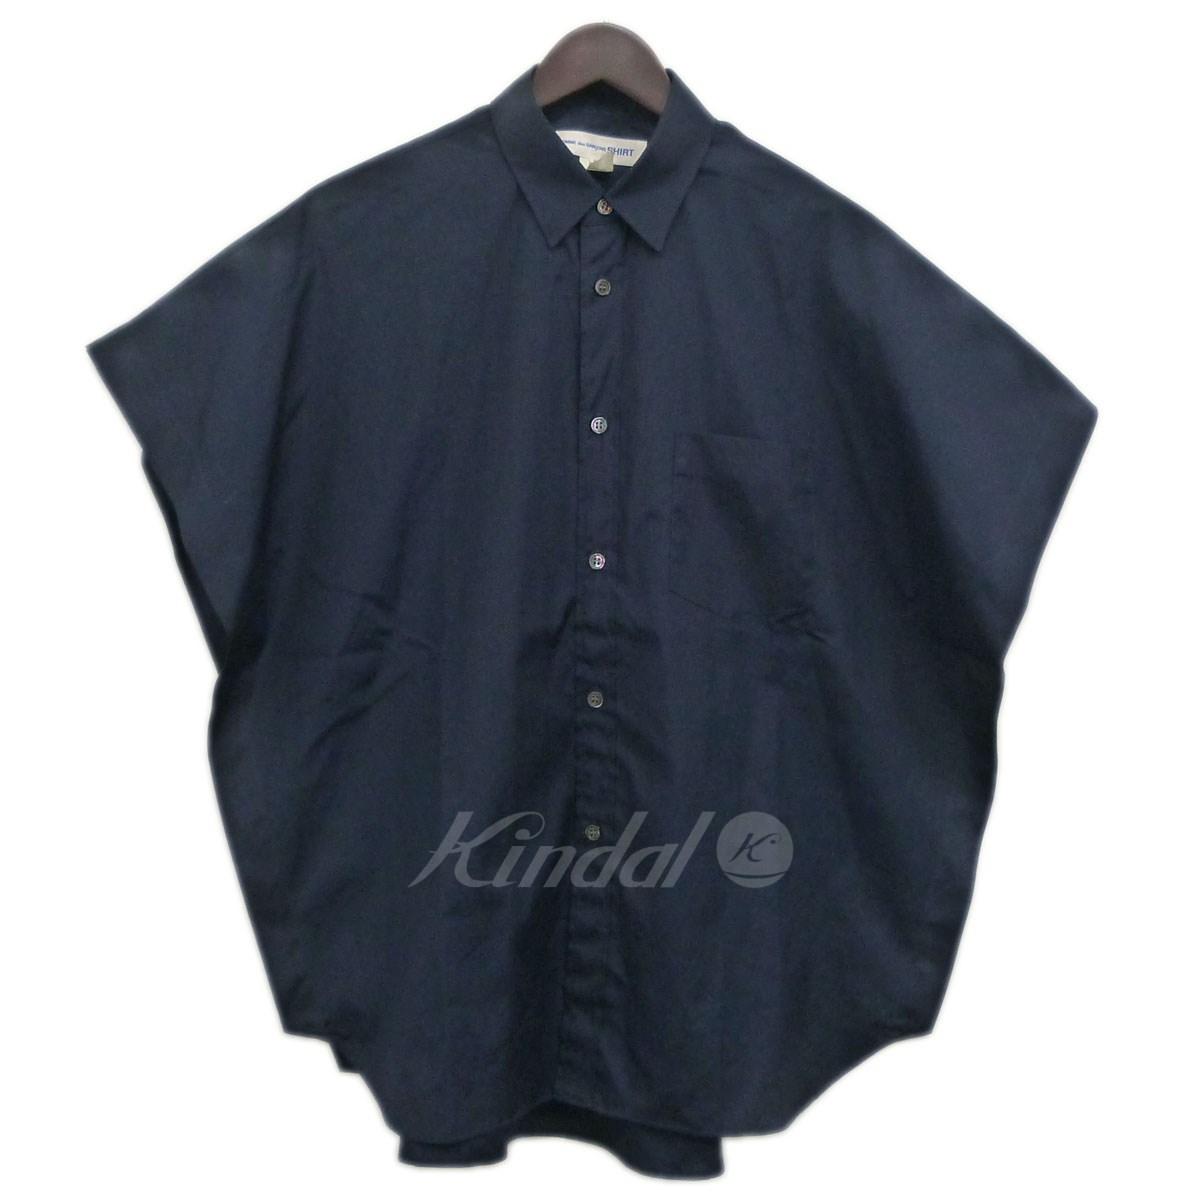 【中古】COMME des GARCONS SHIRT 15SSケープシャツ ネイビー サイズ:XS 【送料無料】 【201018】(コムデギャルソンシャツ)